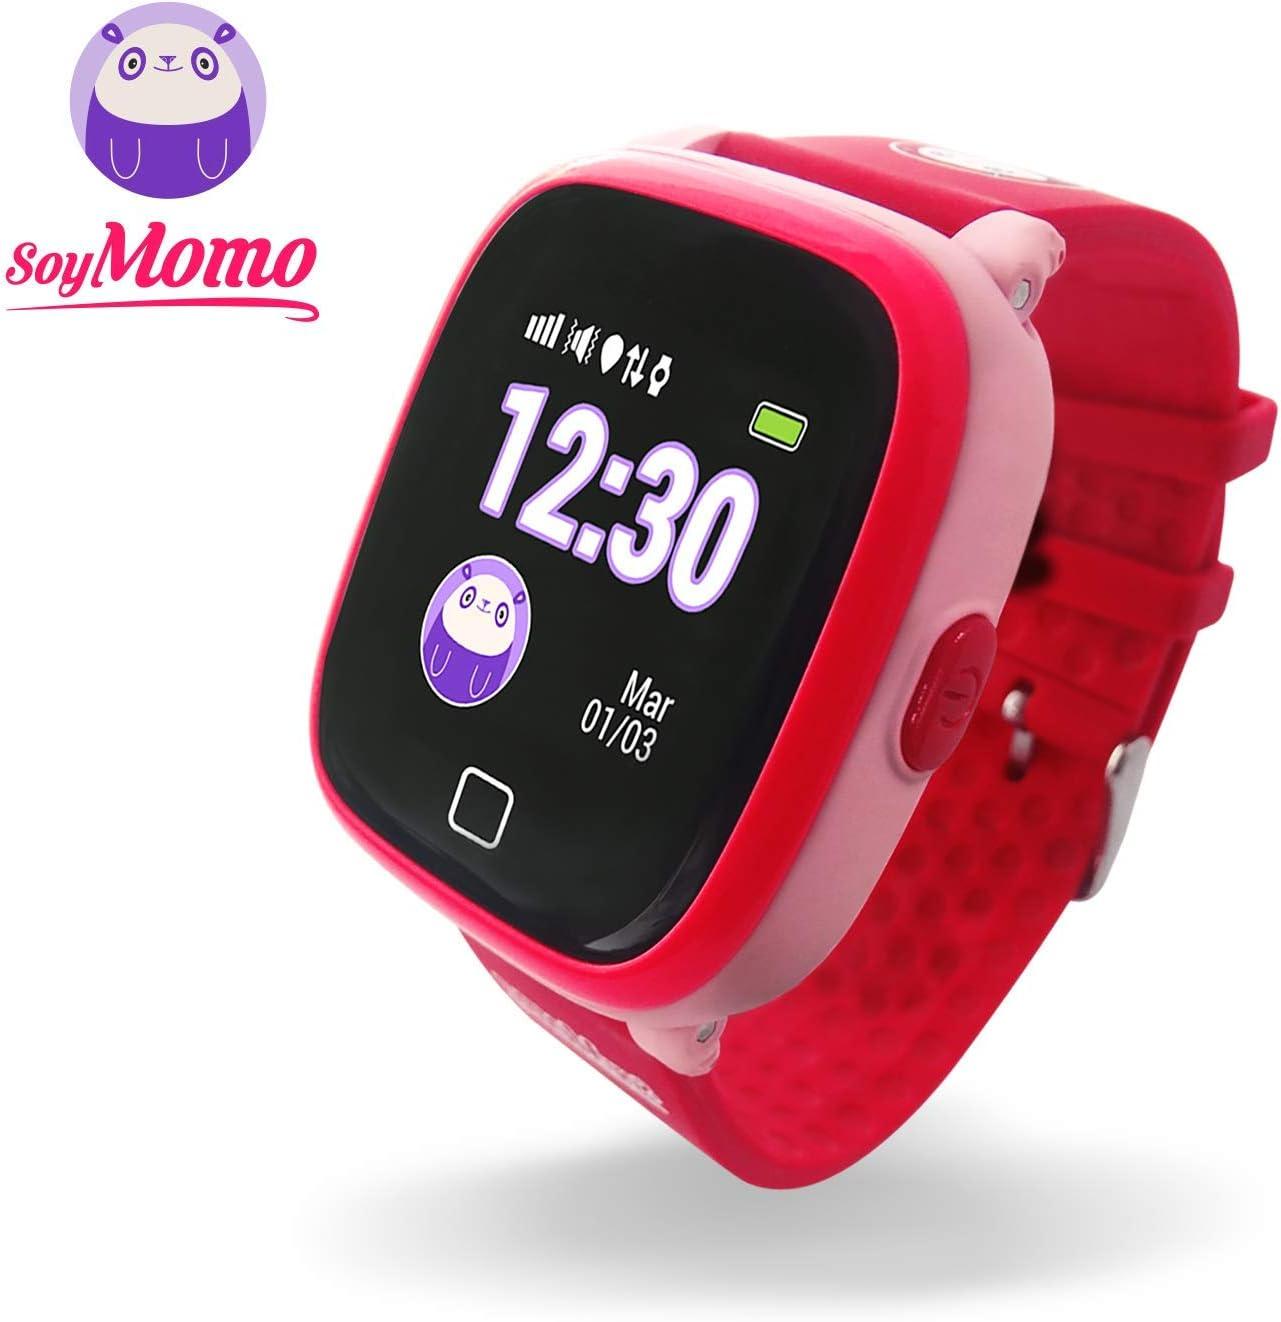 SoyMomo H2O Reloj Inteligente para Niños con GPS y Botón SOS, Móvil para niños con Ranura para SIM Que Permite Llamadas y Mensajes, Smartwatch para Niños con Rastreador GPS Resistente al Agua (Rosa)